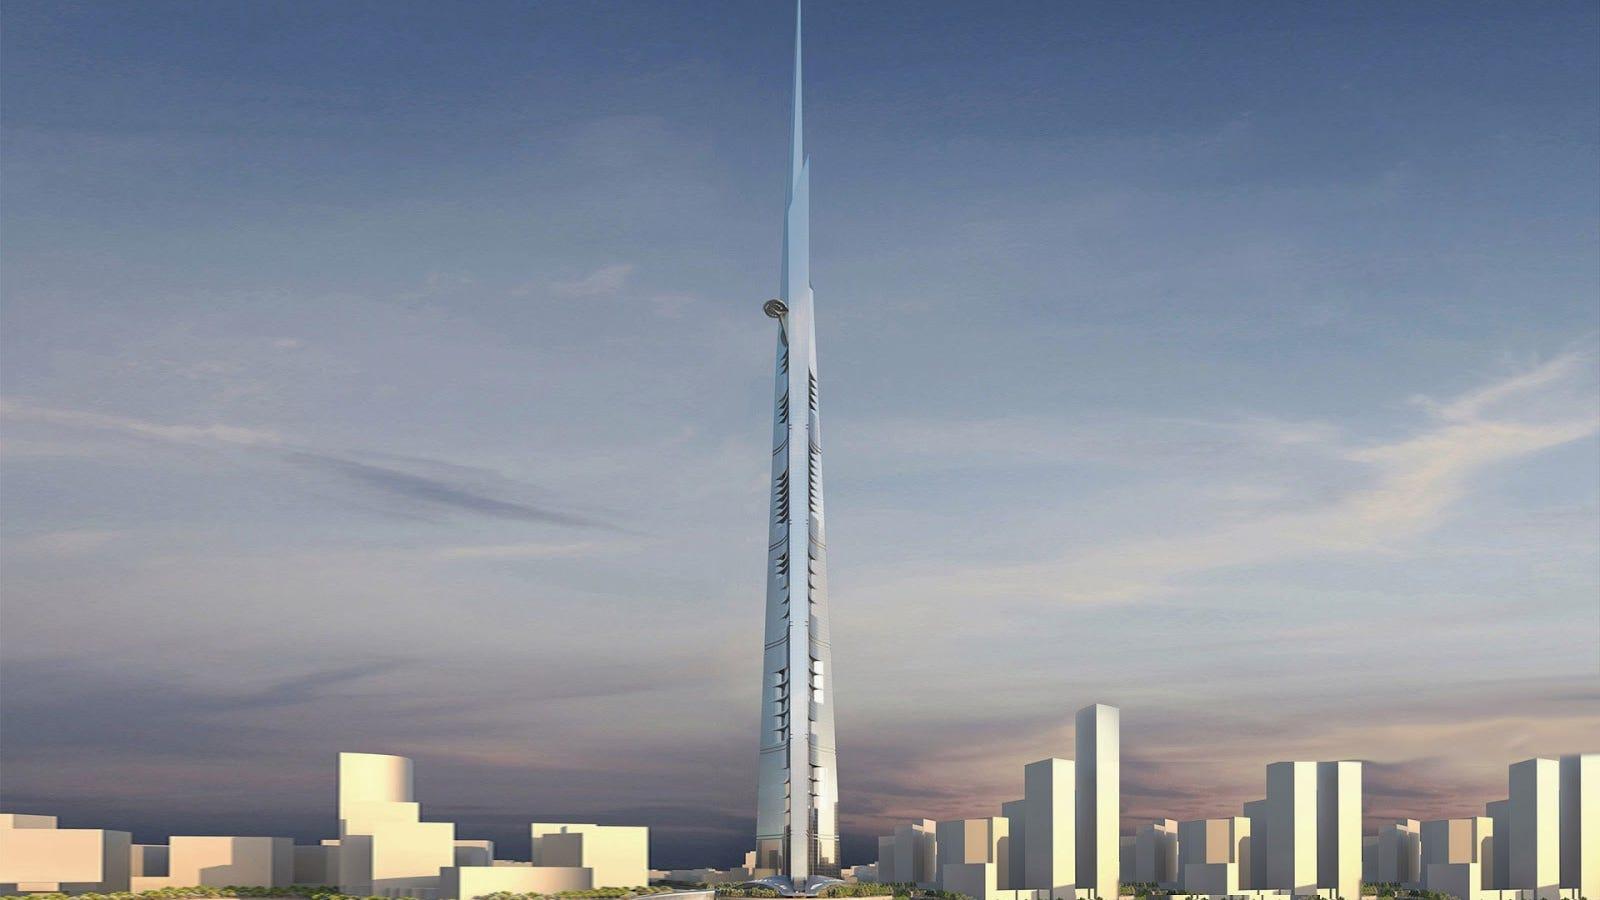 Jeddah Tower, el primer edificio con 1 kilómetro de altura, estará listo en 2020